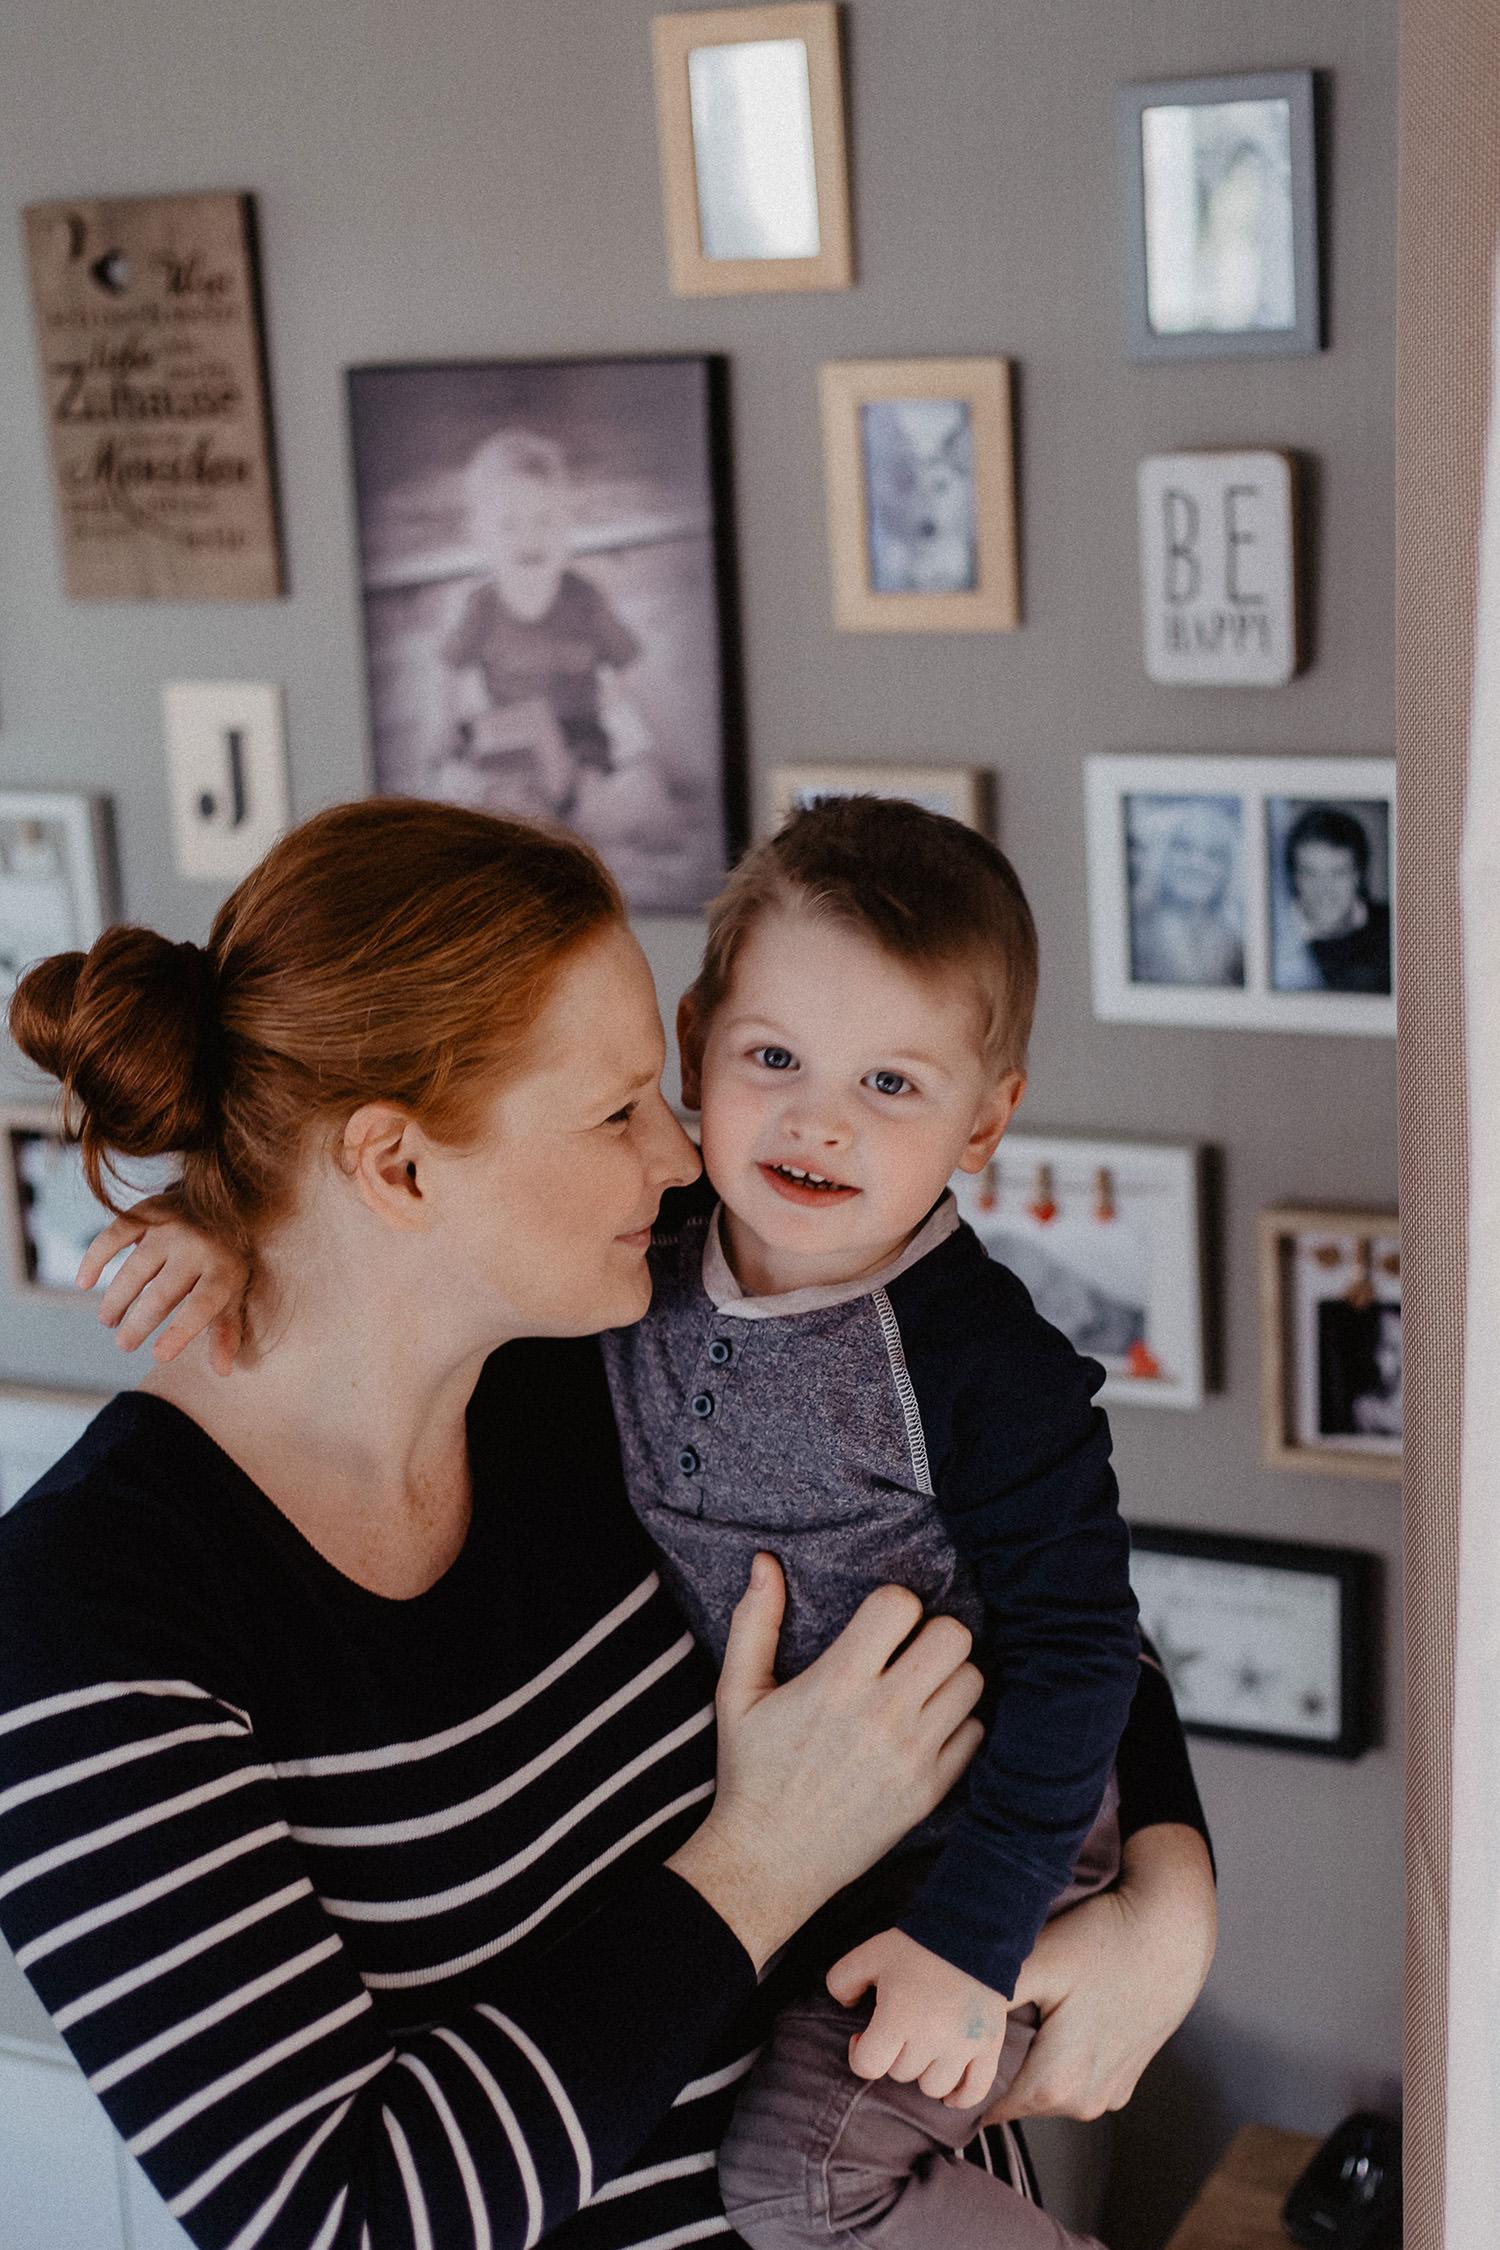 Familienfotos Babybauchfotos in Delmenhorst Bremen